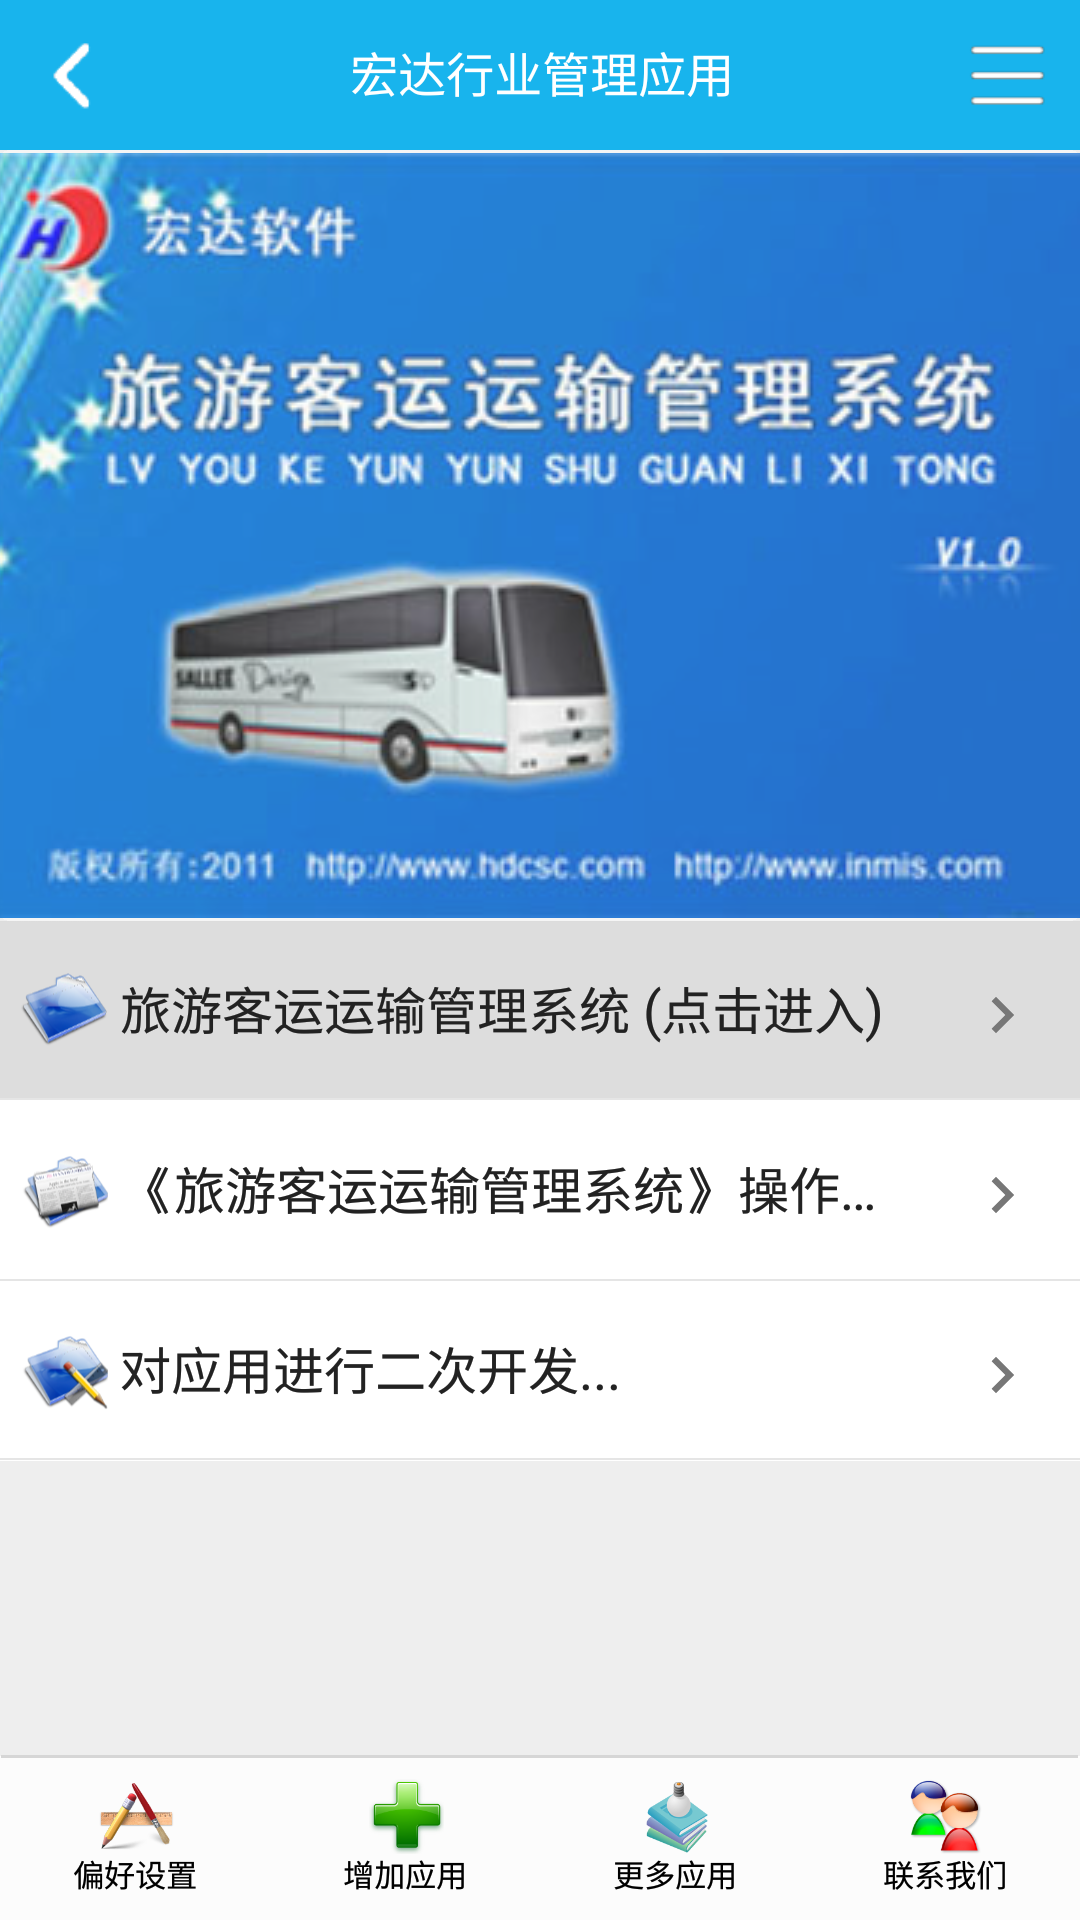 旅游客运运输管理系统